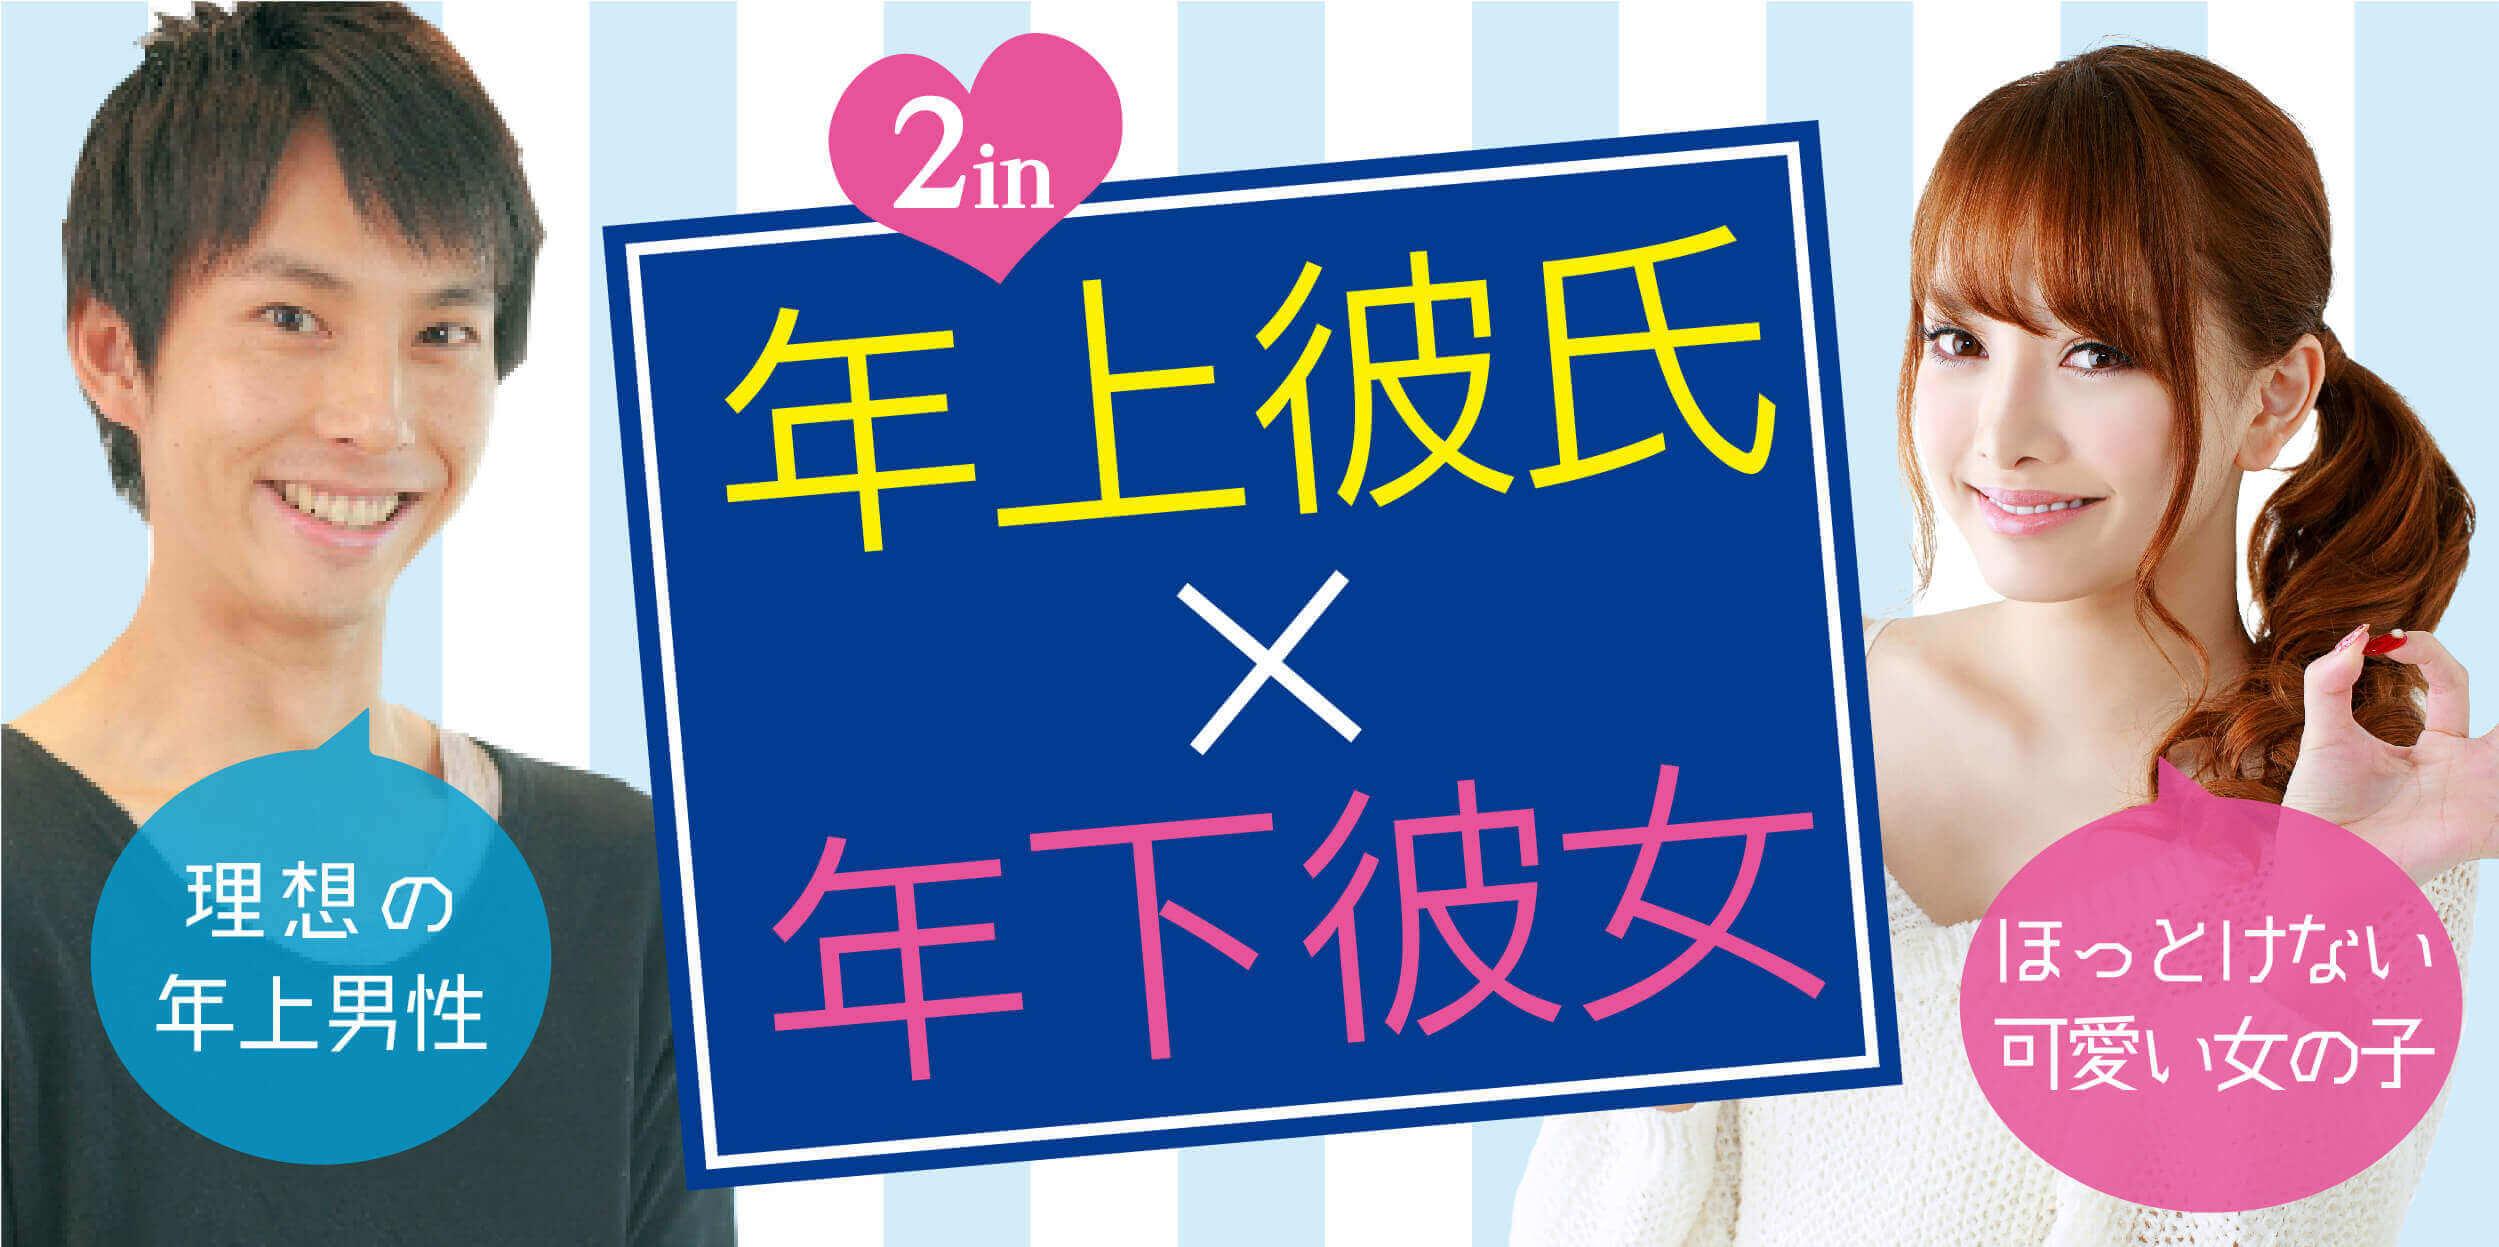 【倉敷のプチ街コン】合同会社ツイン主催 2017年5月7日